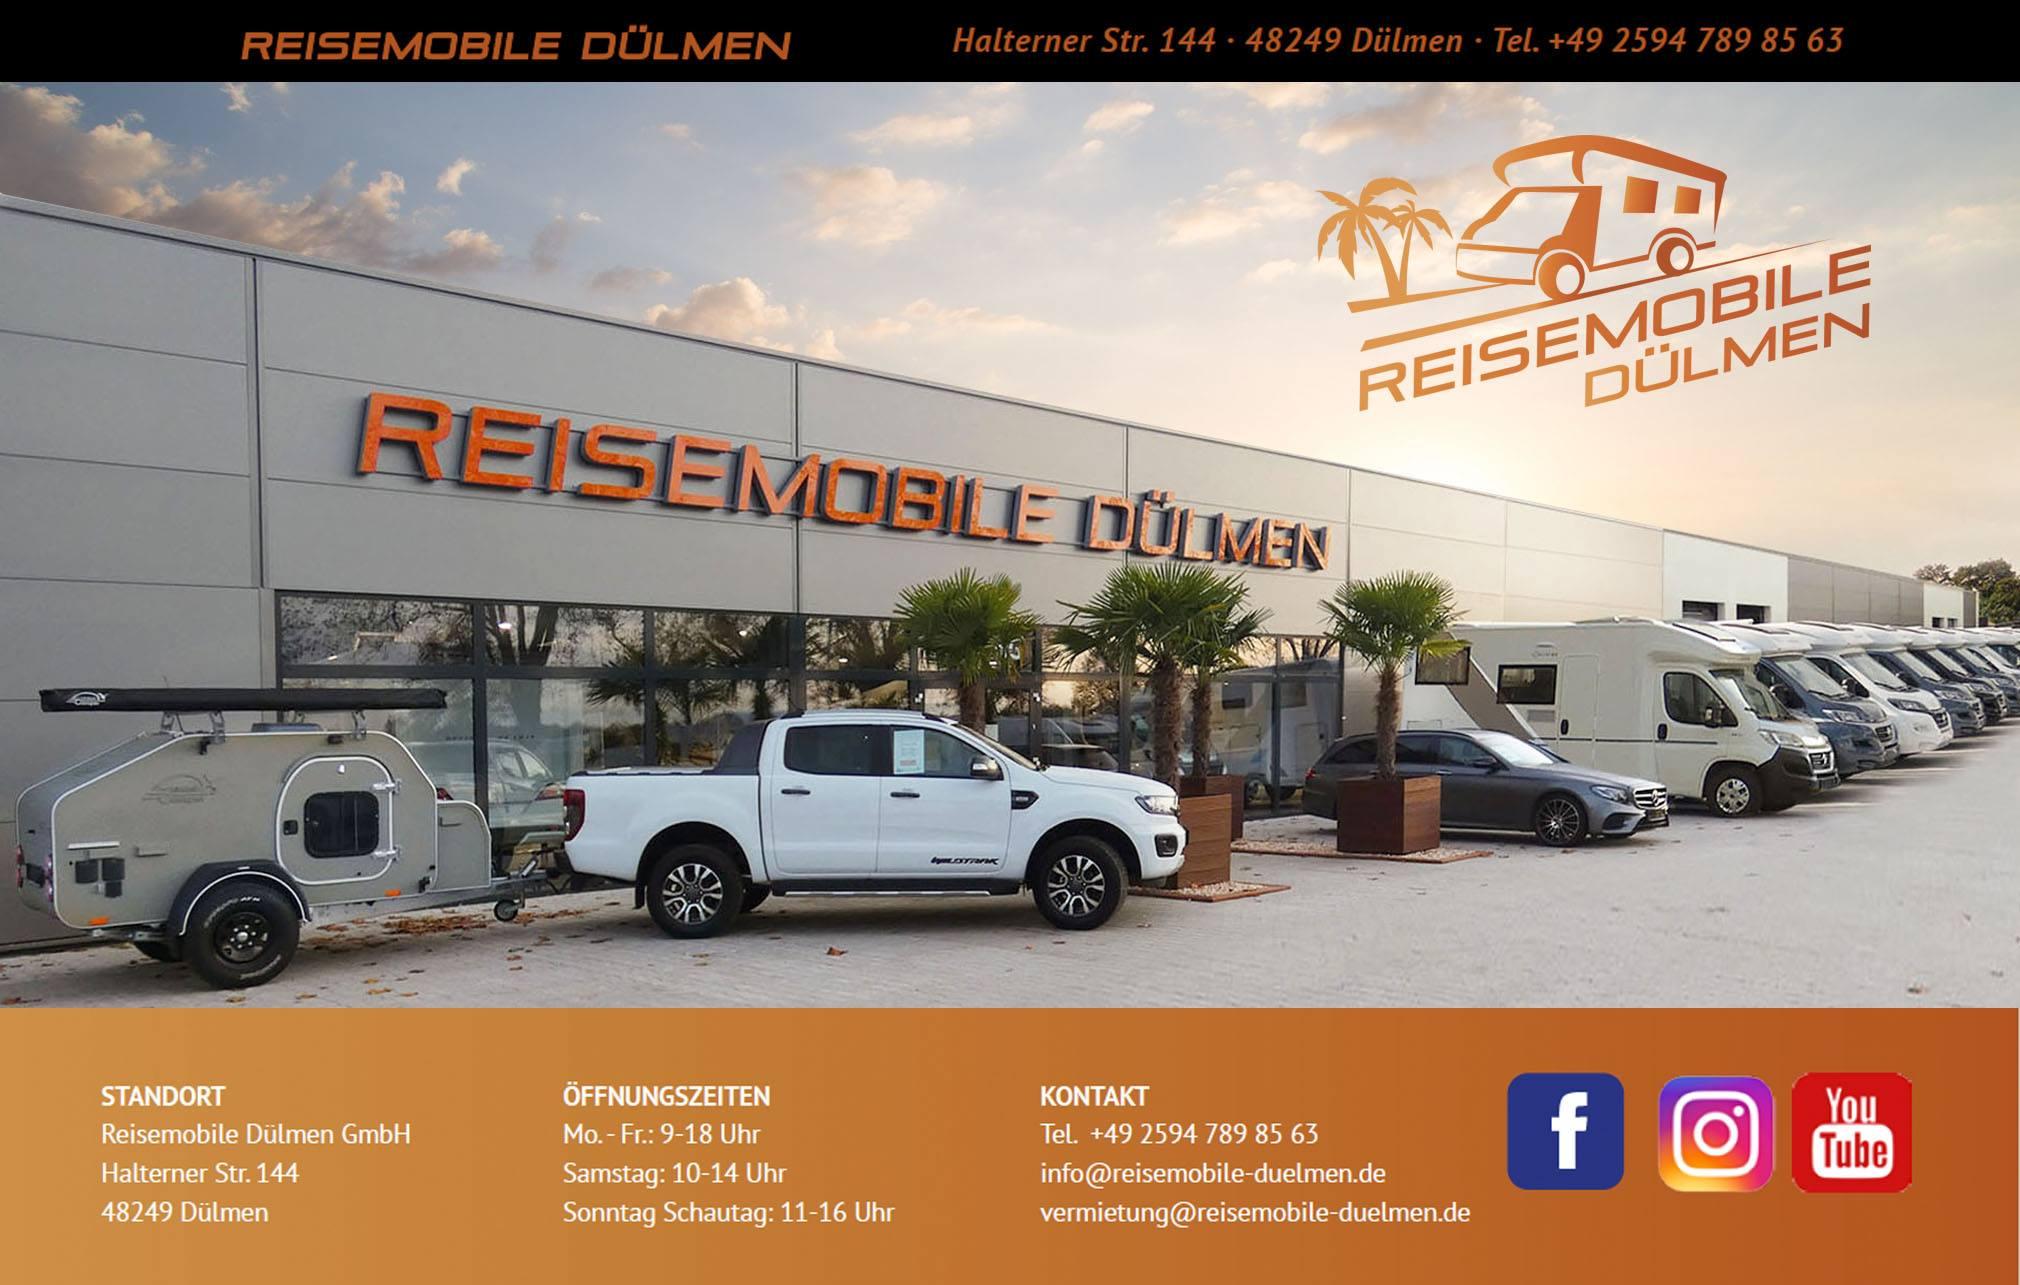 Reisemobile Dülmen GmbH - Verkauf, Vermietung, Werkstattservice